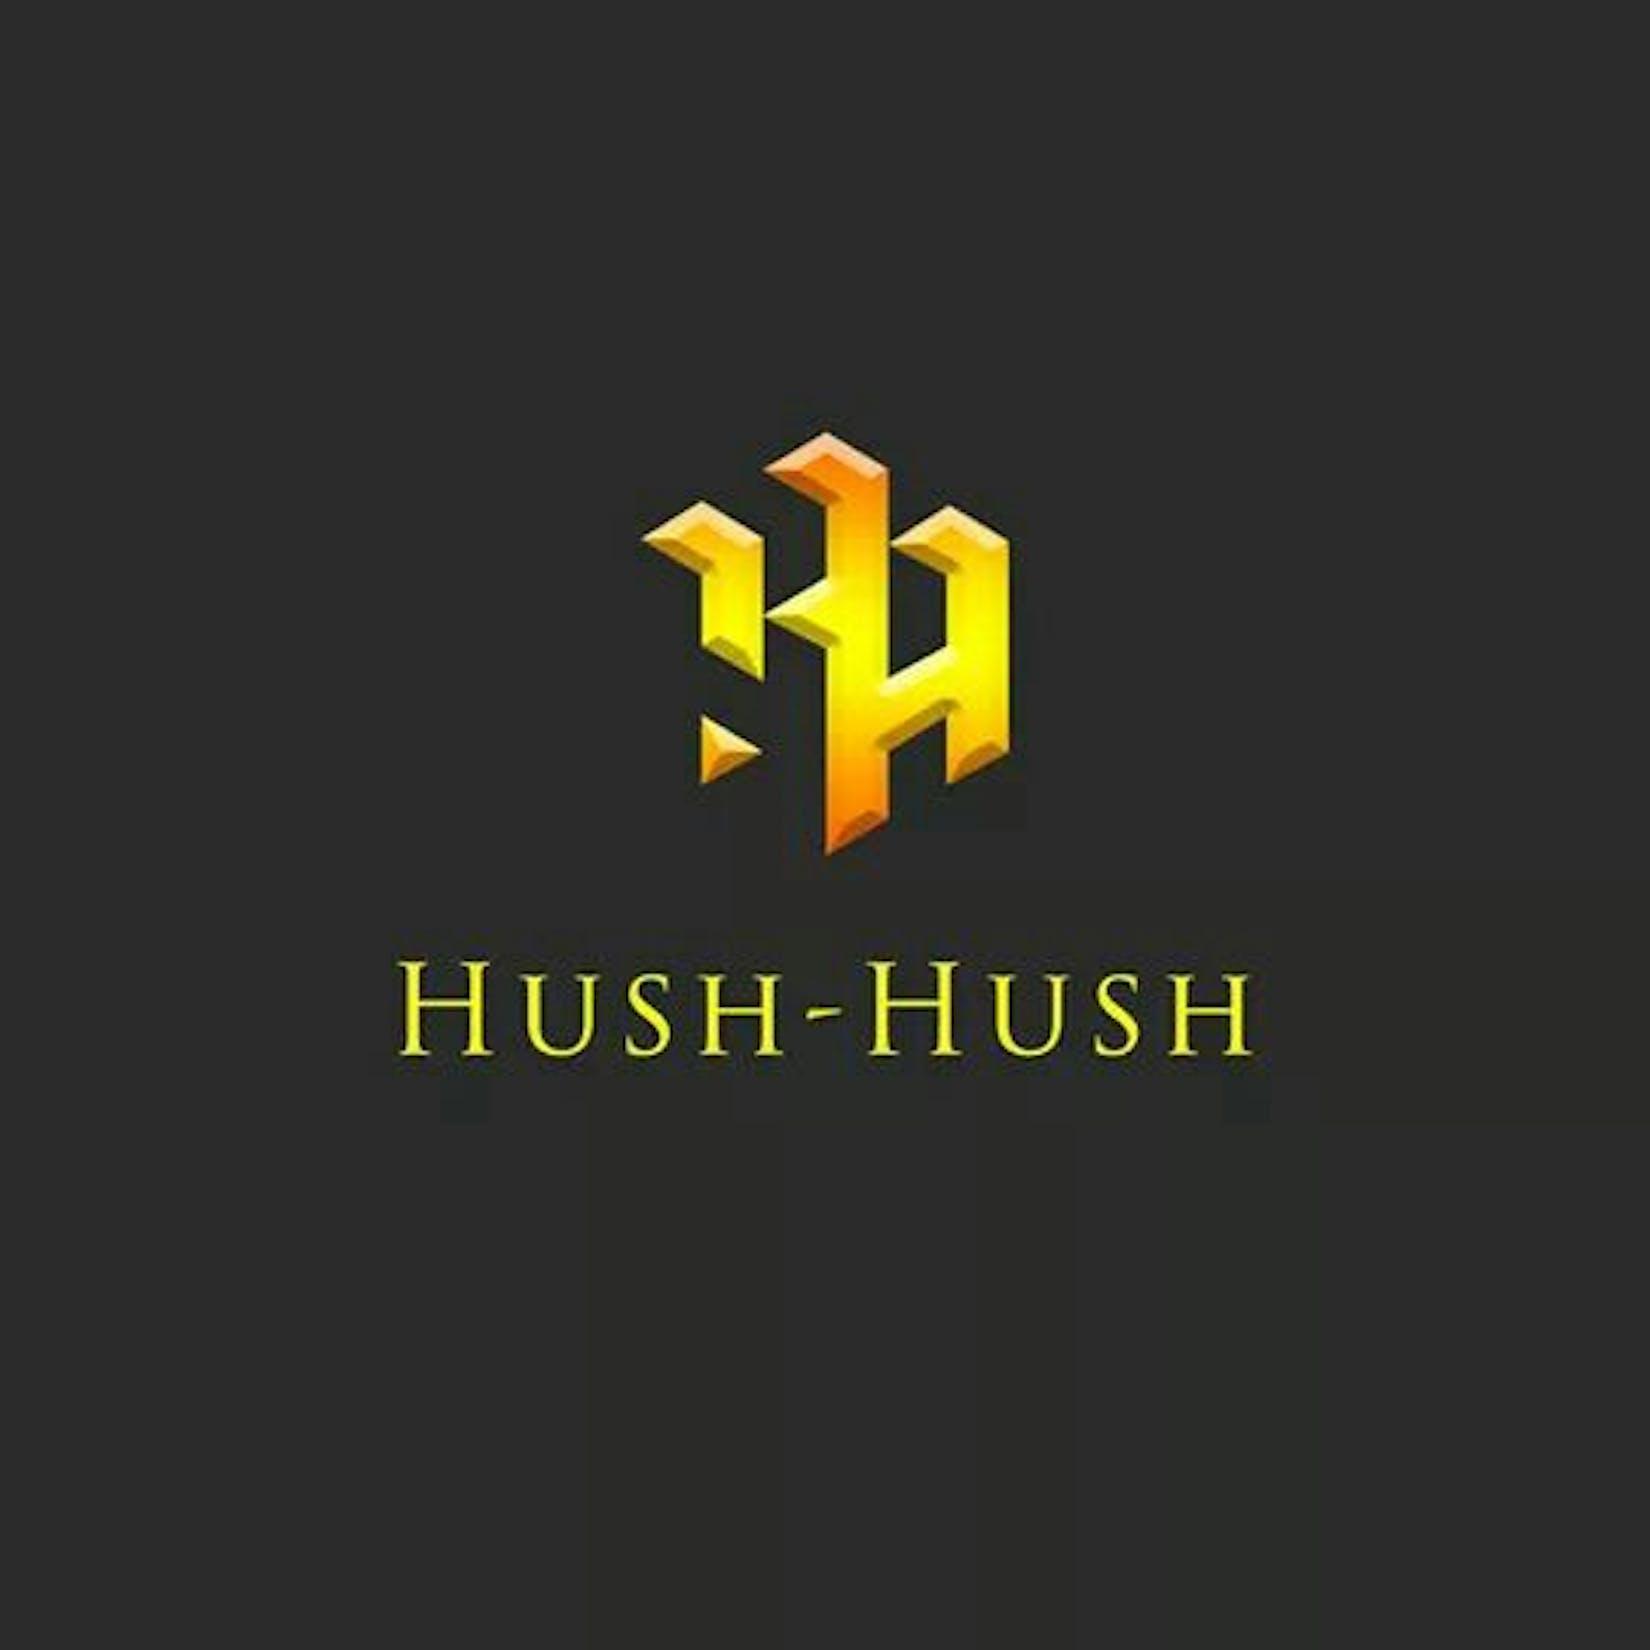 Hush-Hush | yathar